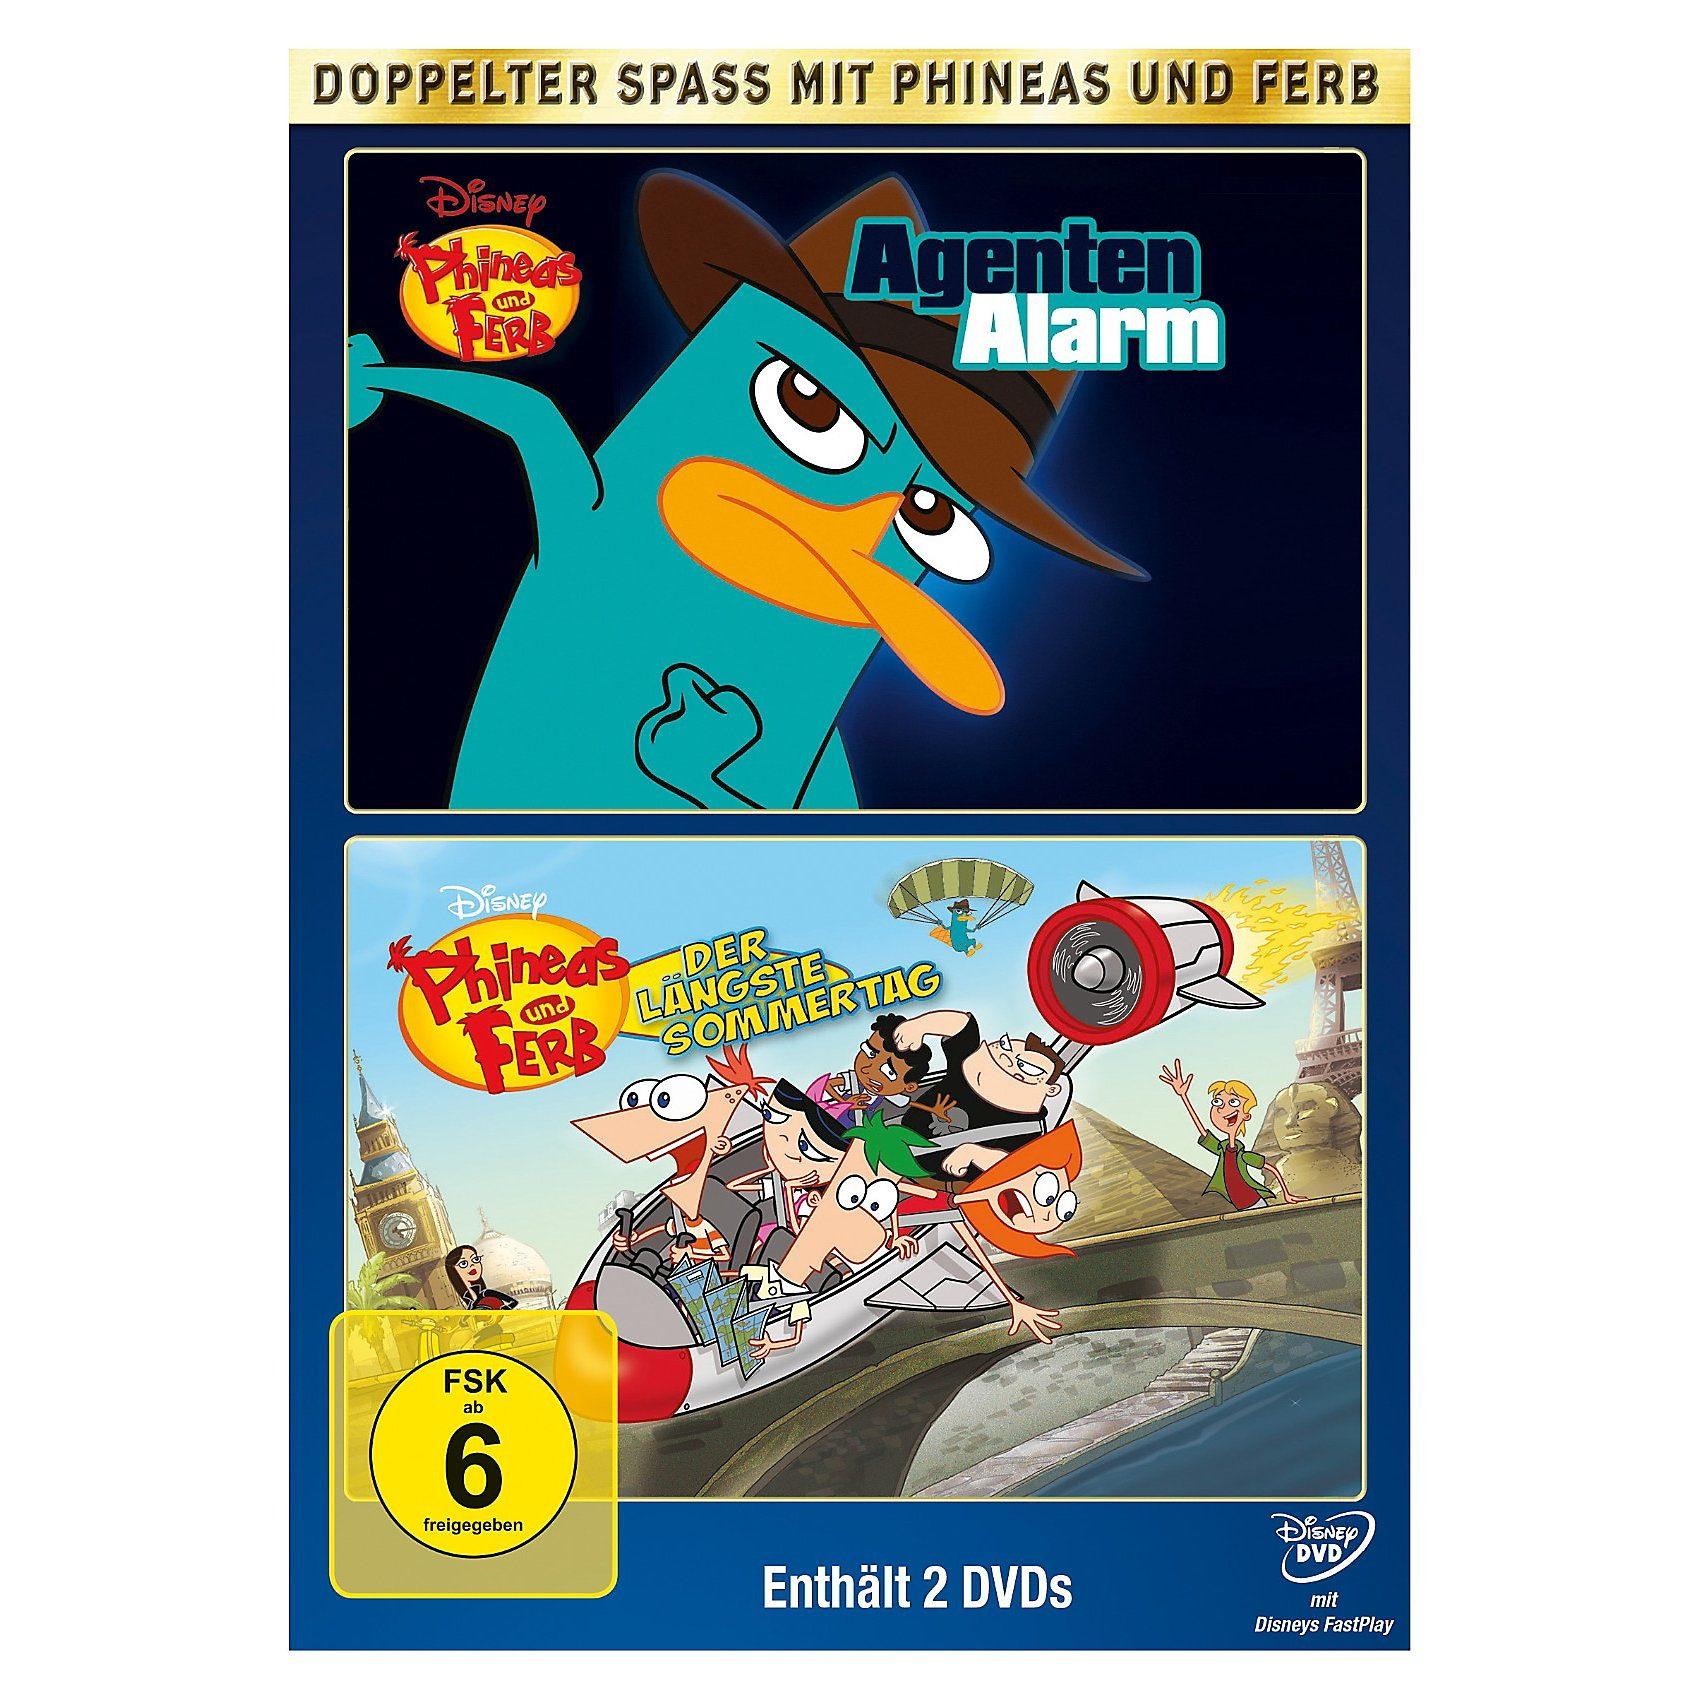 Disney DVD Phineas und Ferb Doppelpack: Agenten Alarm & Vol 3 Der